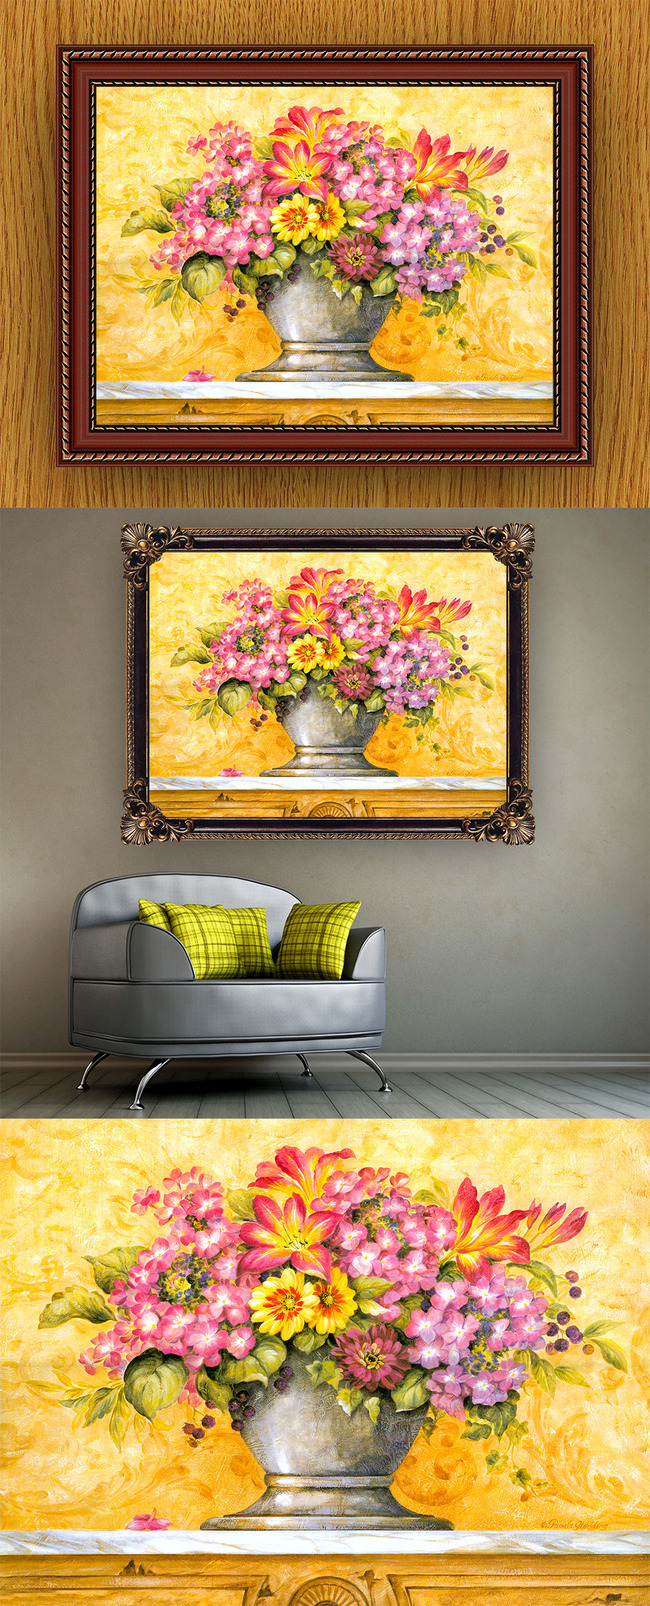 高清手绘欧式古典写实宫廷风格花卉油画图片